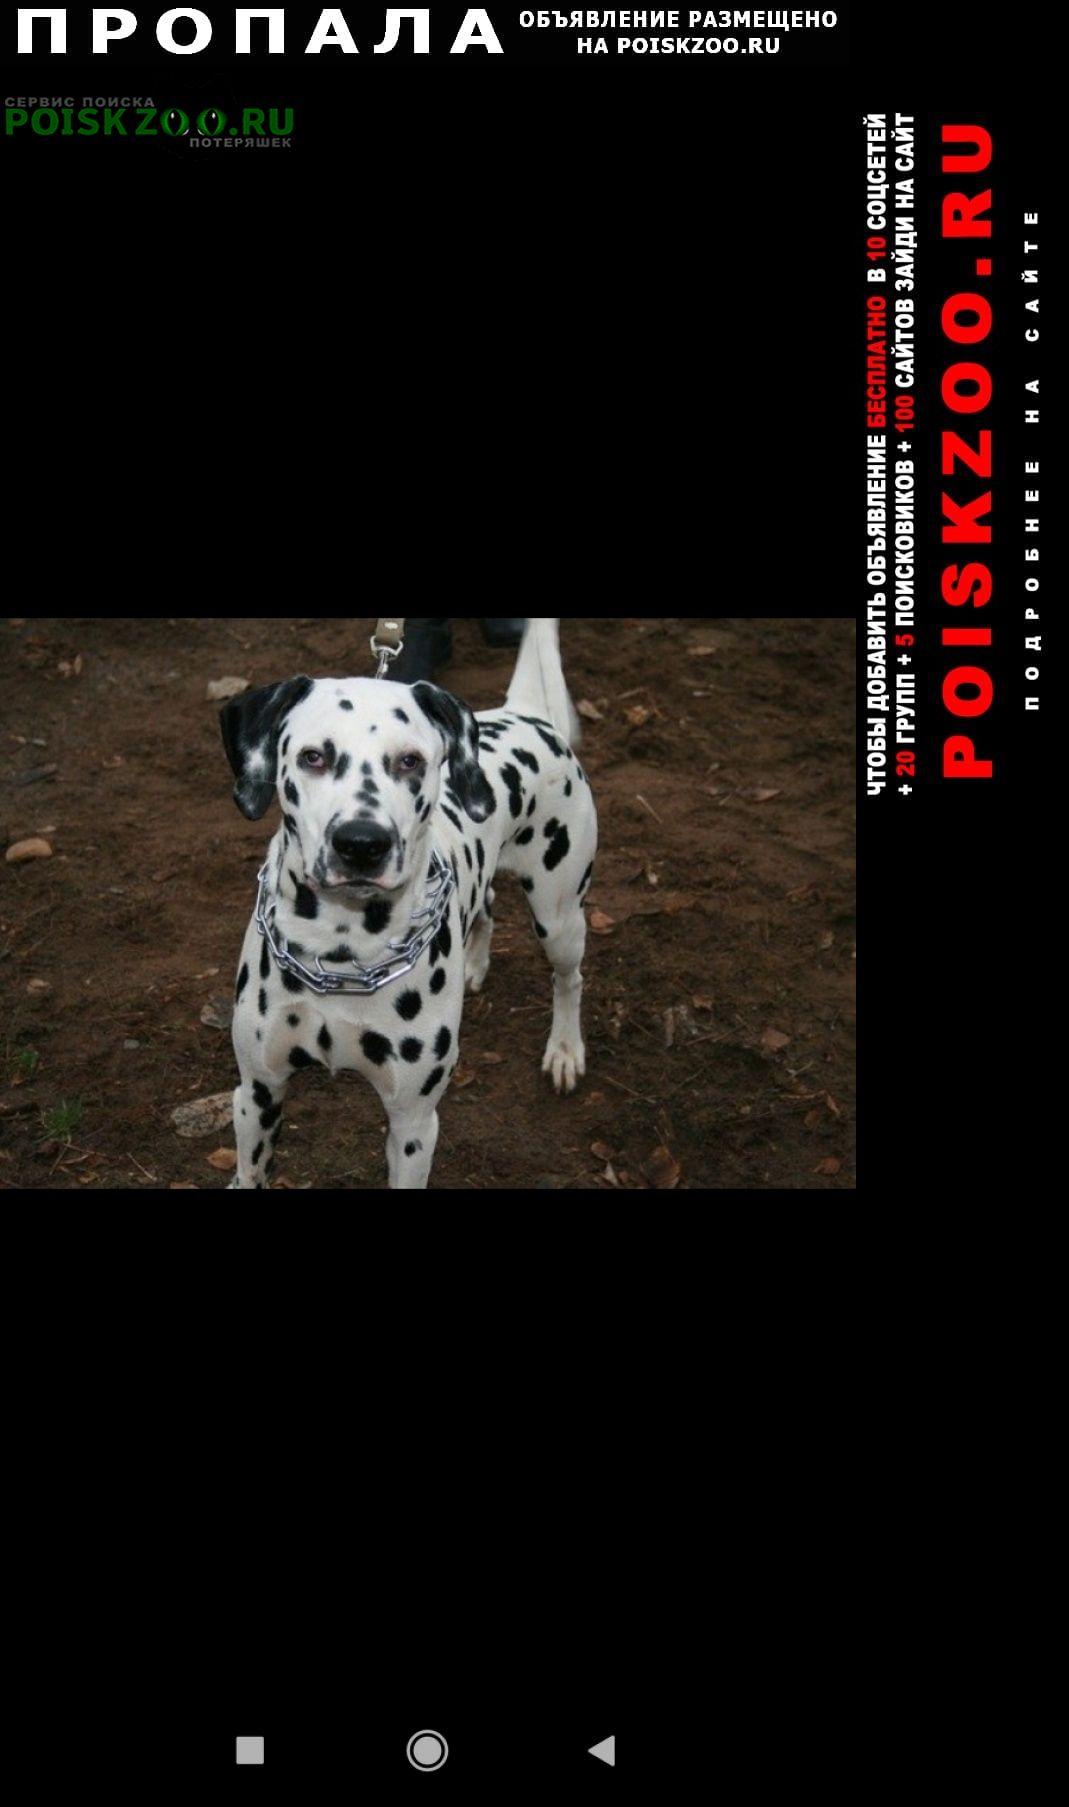 Пропала собака кобель далматин мальчик. Пермь